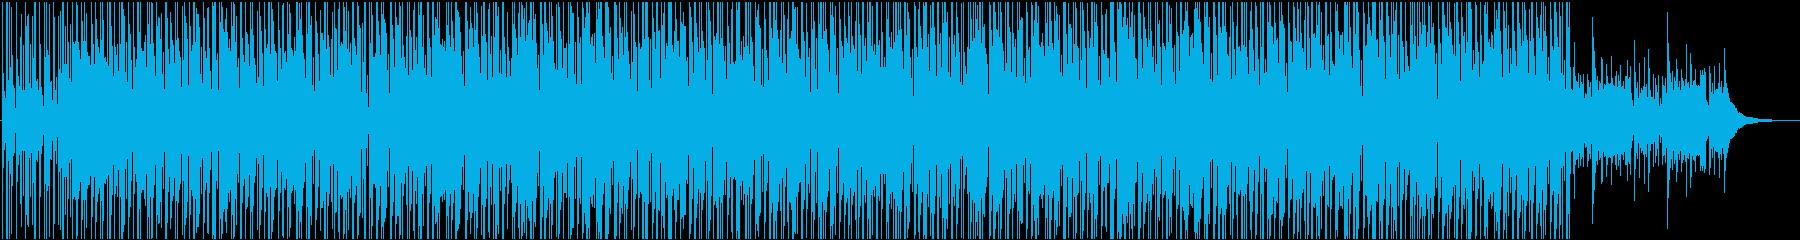 明るい  ポジティブ 楽しい 音楽の再生済みの波形